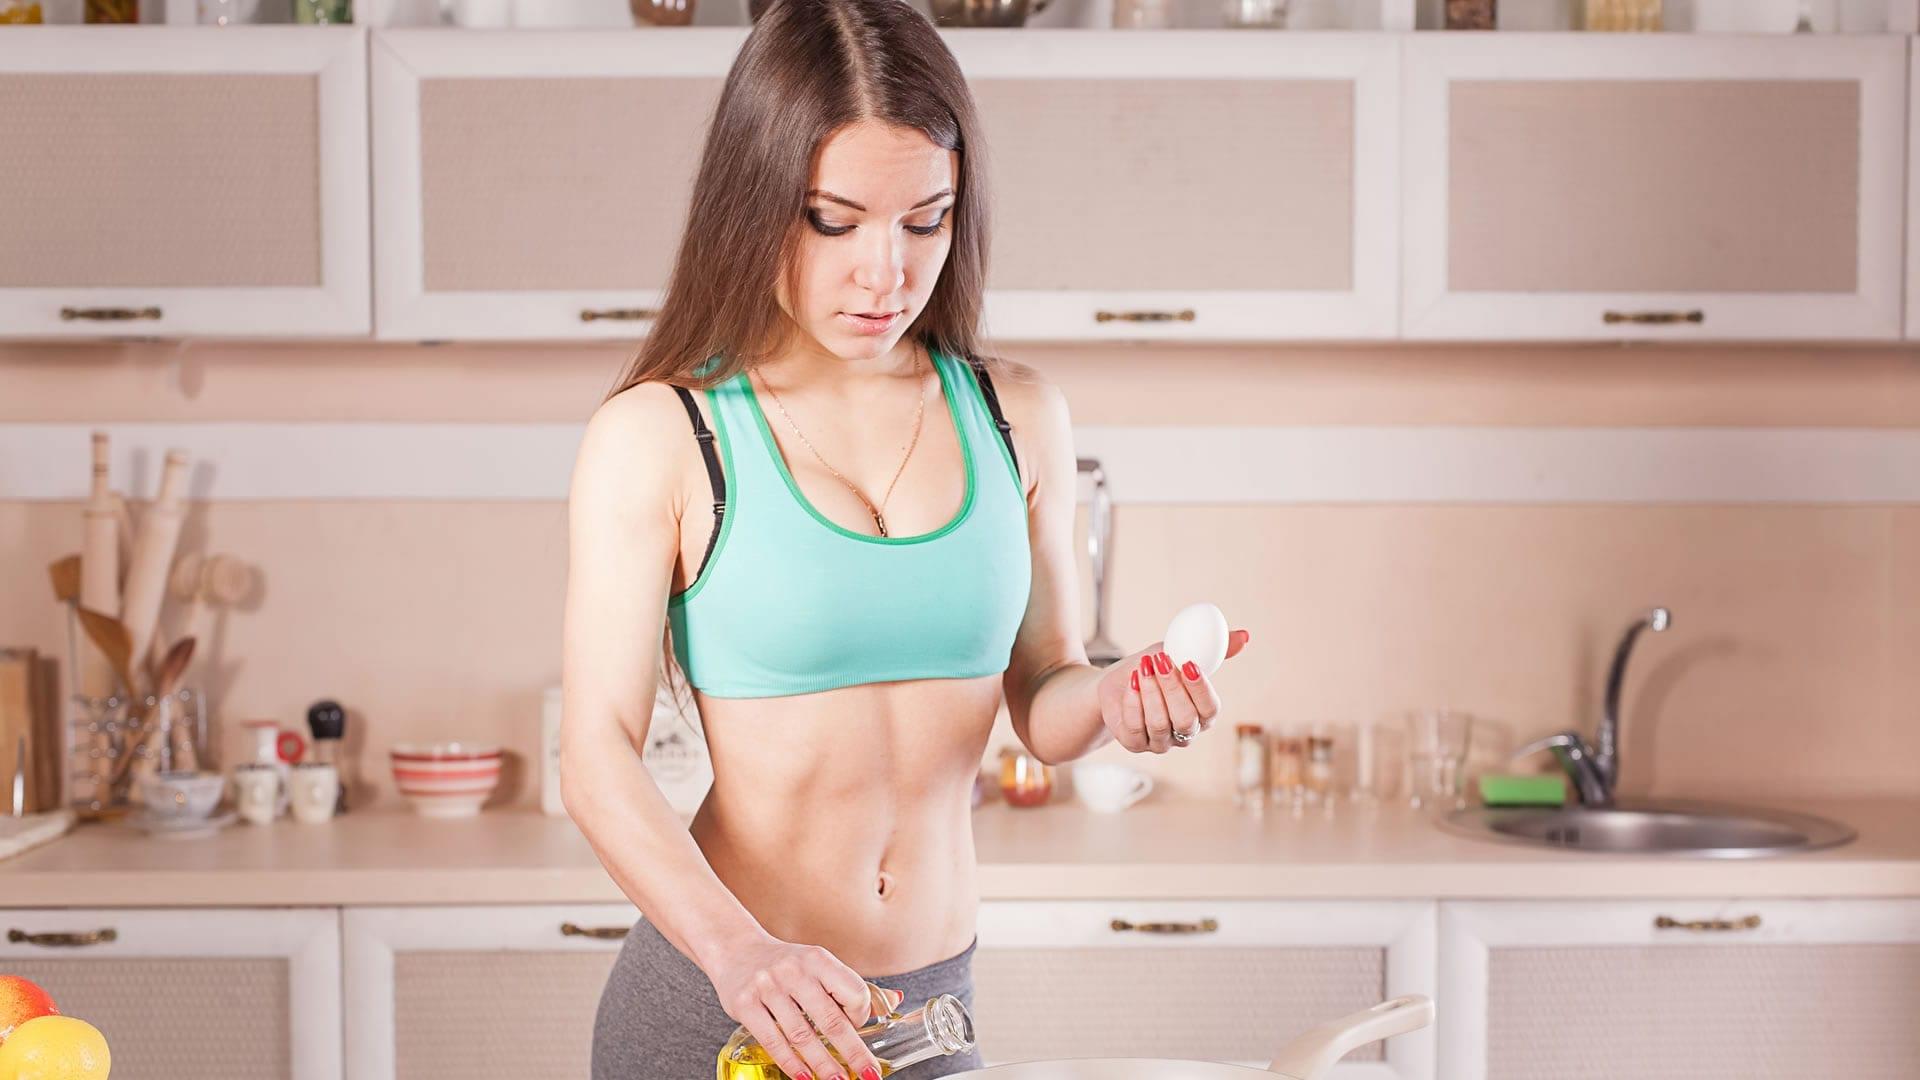 5 Топ Лучших Диет Для Похудения. 10 эффективных диет для быстрого похудения: времени нет, а выбор — есть!